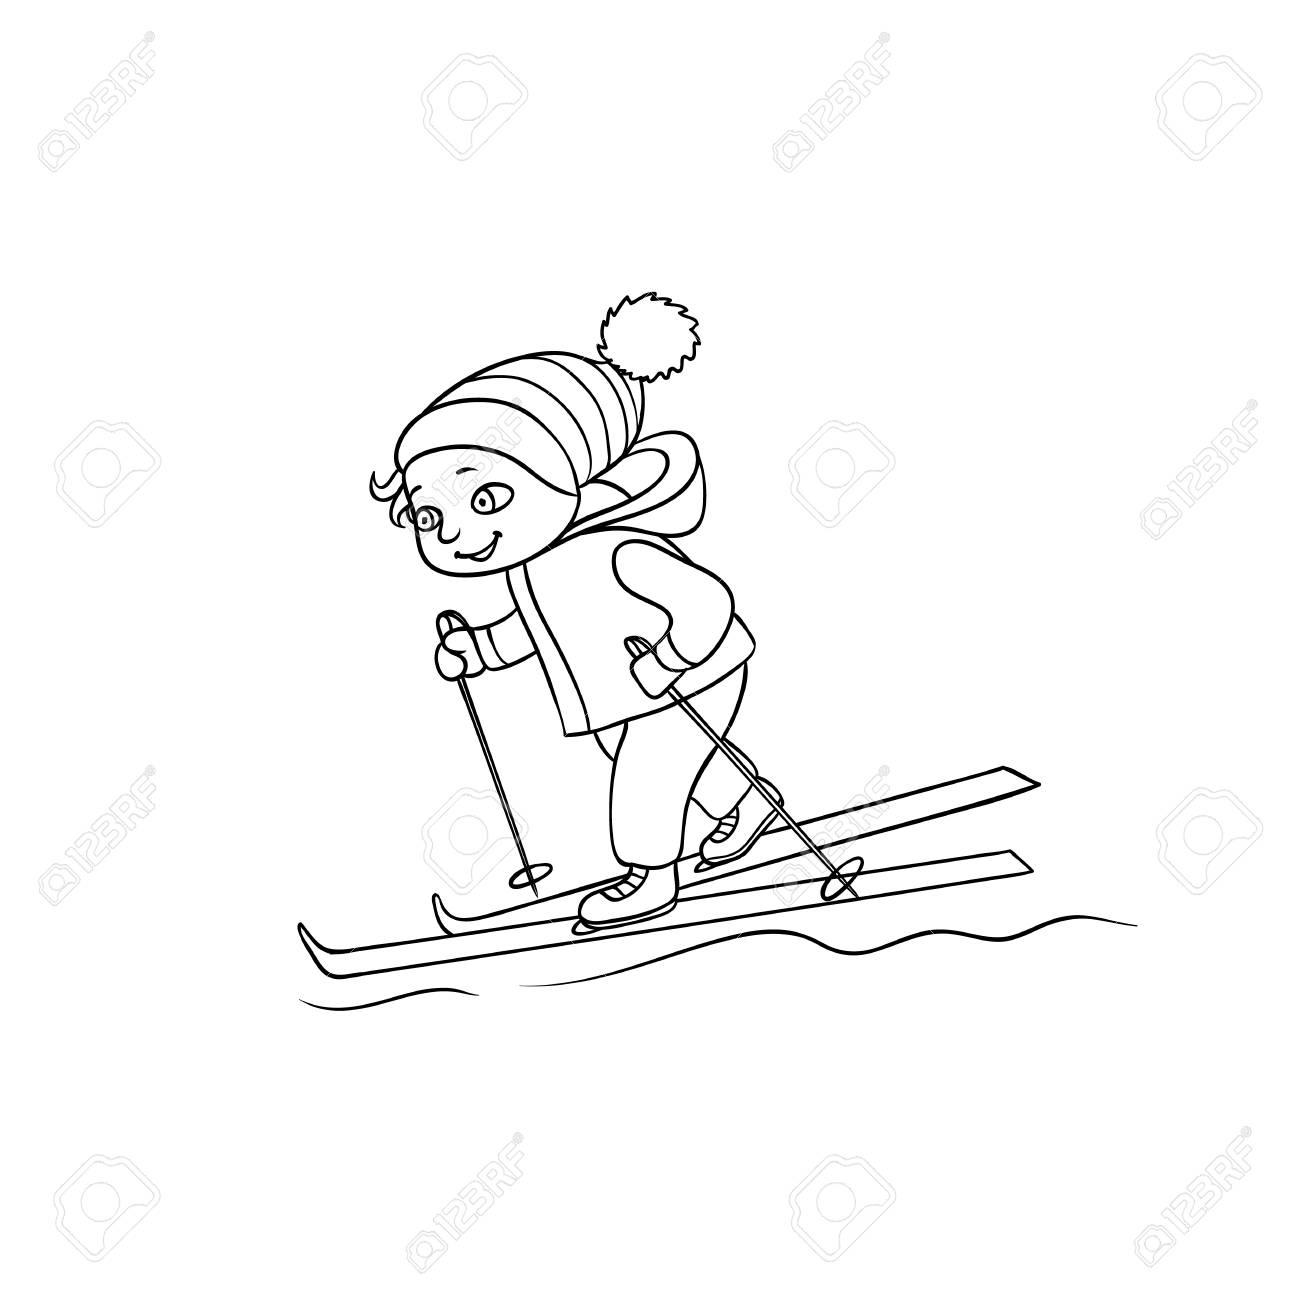 heureux petit garcon ski activite de sport d hiver illustration de vecteur de dessin anime plat noir et blanc isole sur fond blanc dessin de petit